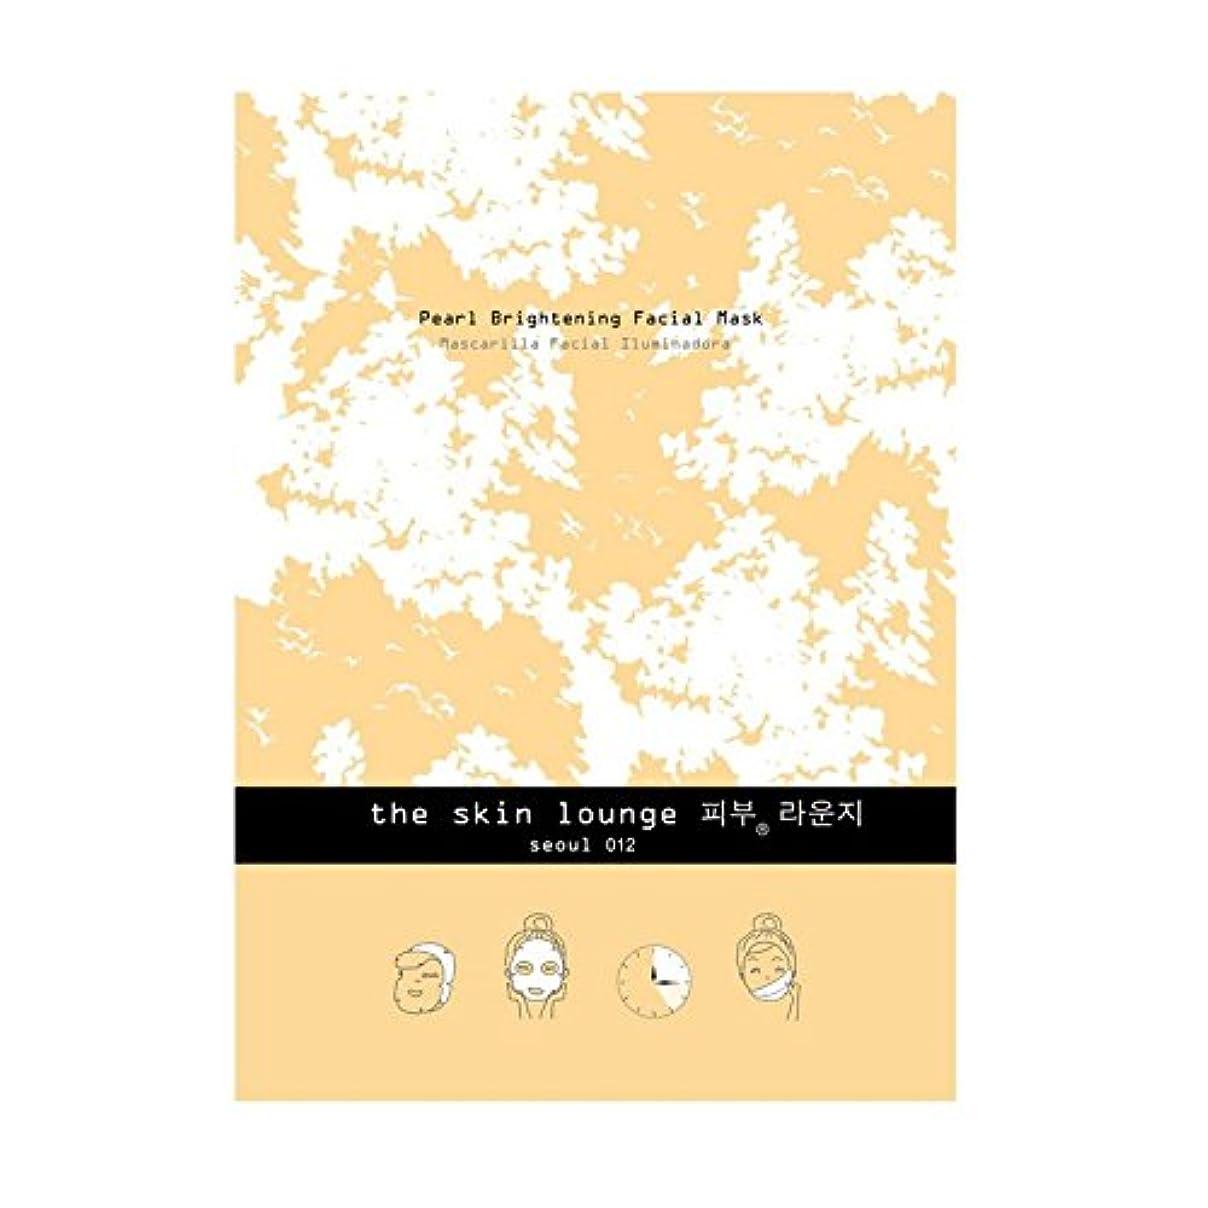 毎回可愛いイヤホン単一セルロースマスクを明るく皮膚ラウンジ真珠 x4 - The Skin Lounge Pearl Brightening Single Cellulose Mask (Pack of 4) [並行輸入品]